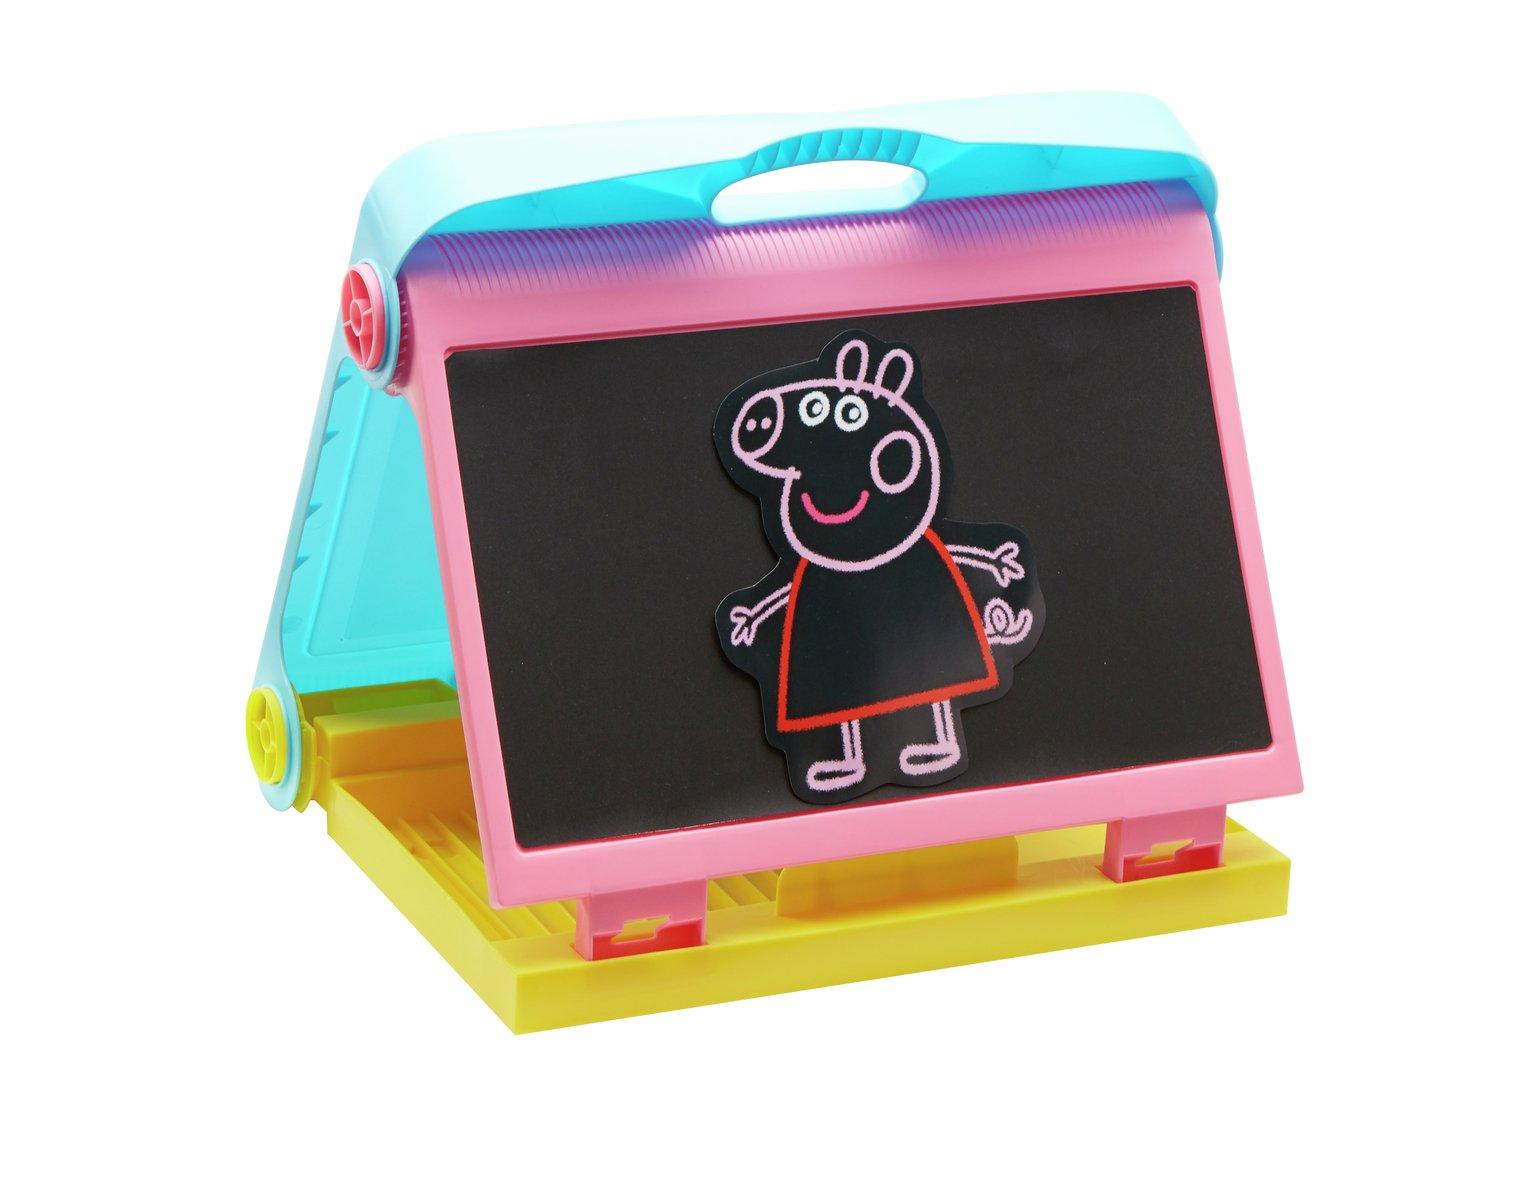 Peppa Pig Desktop Easel